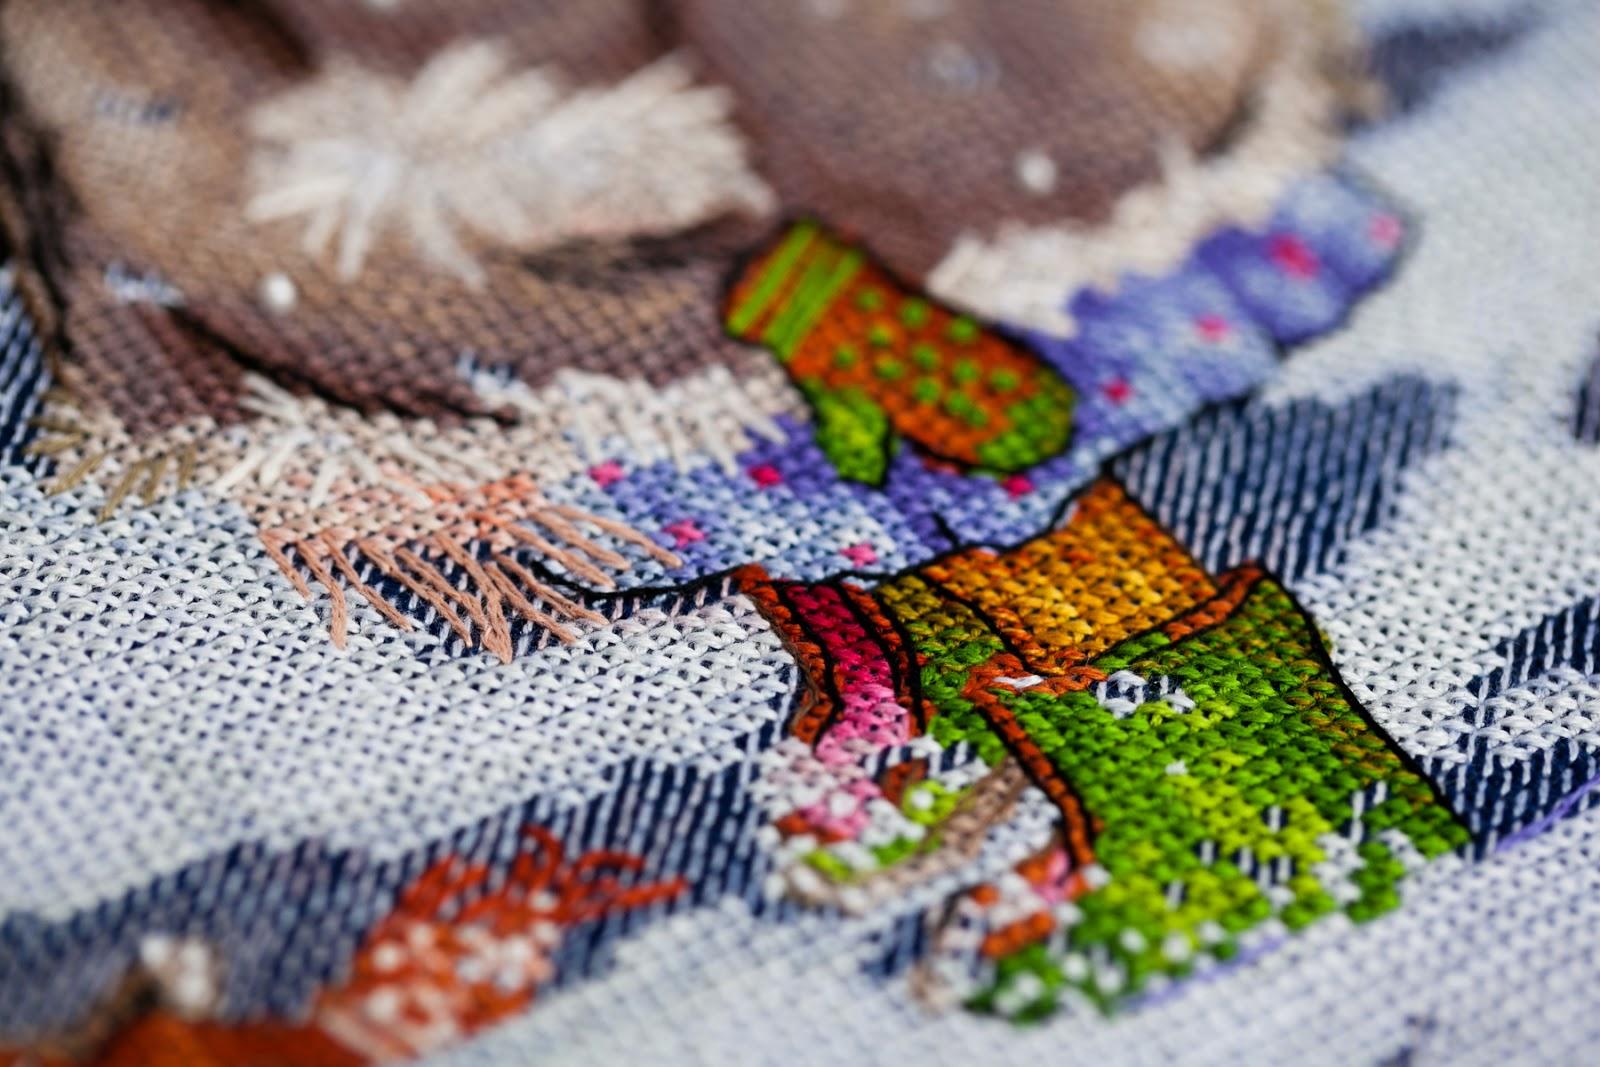 h qо схему вышивки кошки